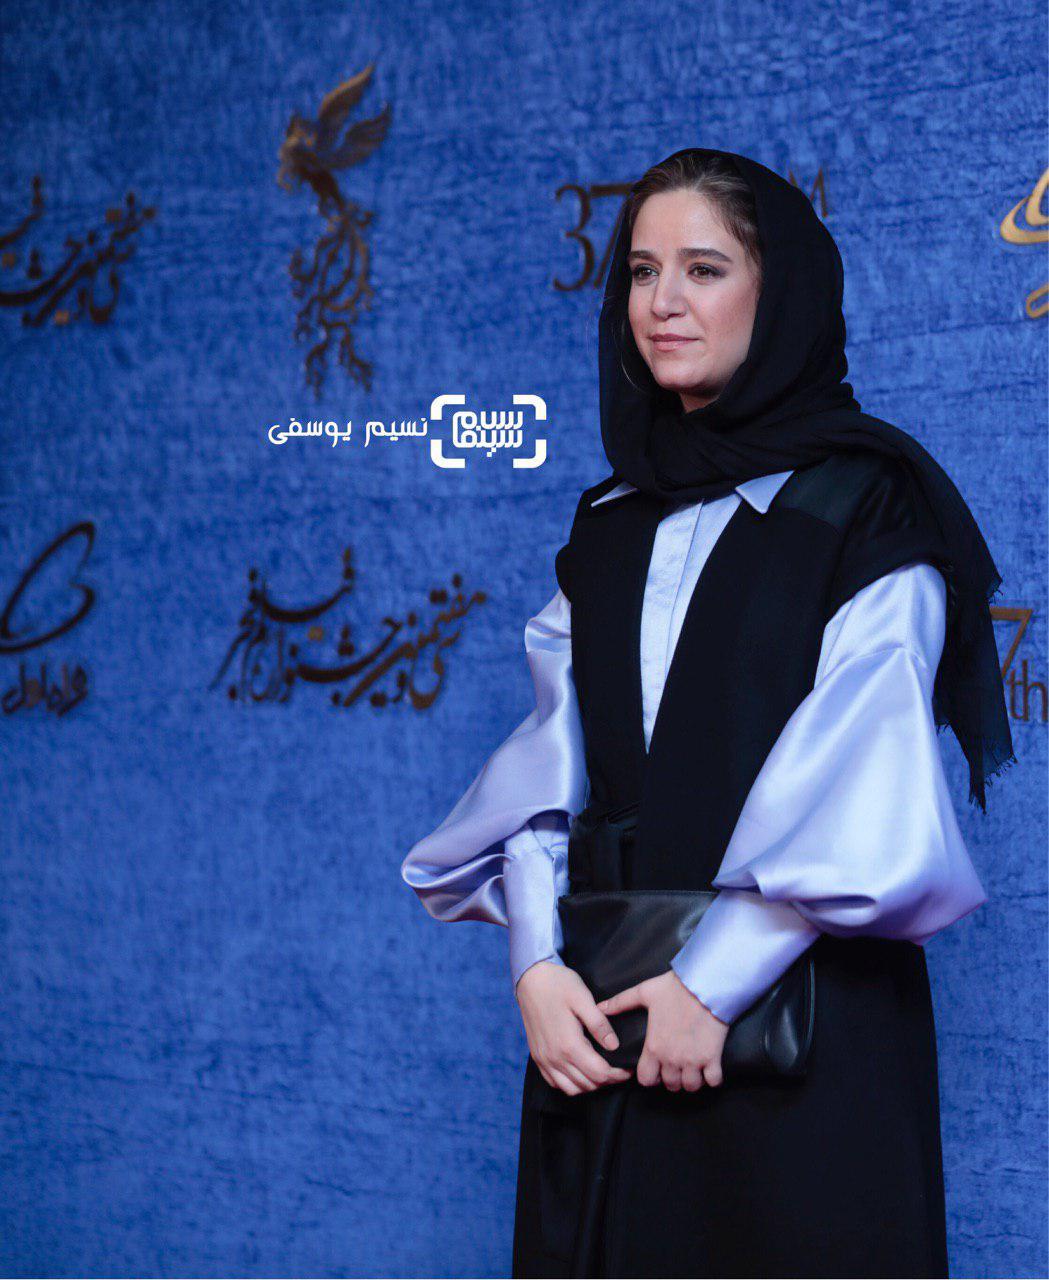 ستاره پسیانی گزارش تصویری اکران و نشست فیلم «غلامرضا تختی»/جشنواره فجر 37